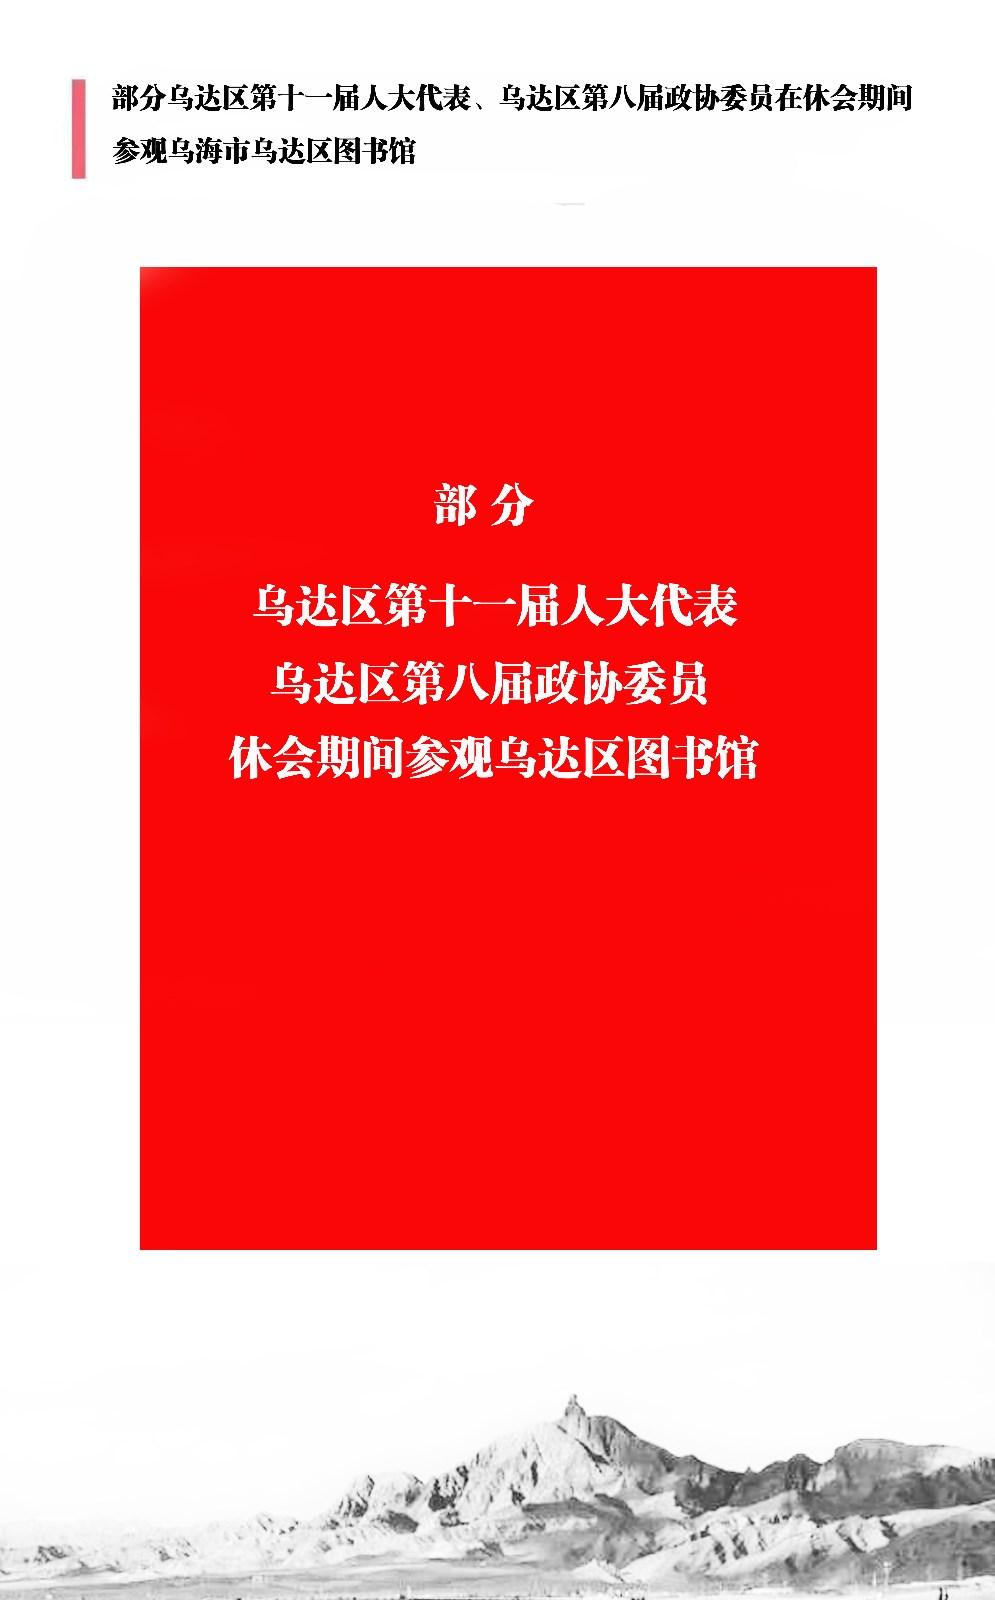 我区部分人大代表、政协委员参观内蒙古乌海市乌达区图书馆 ..._图1-2